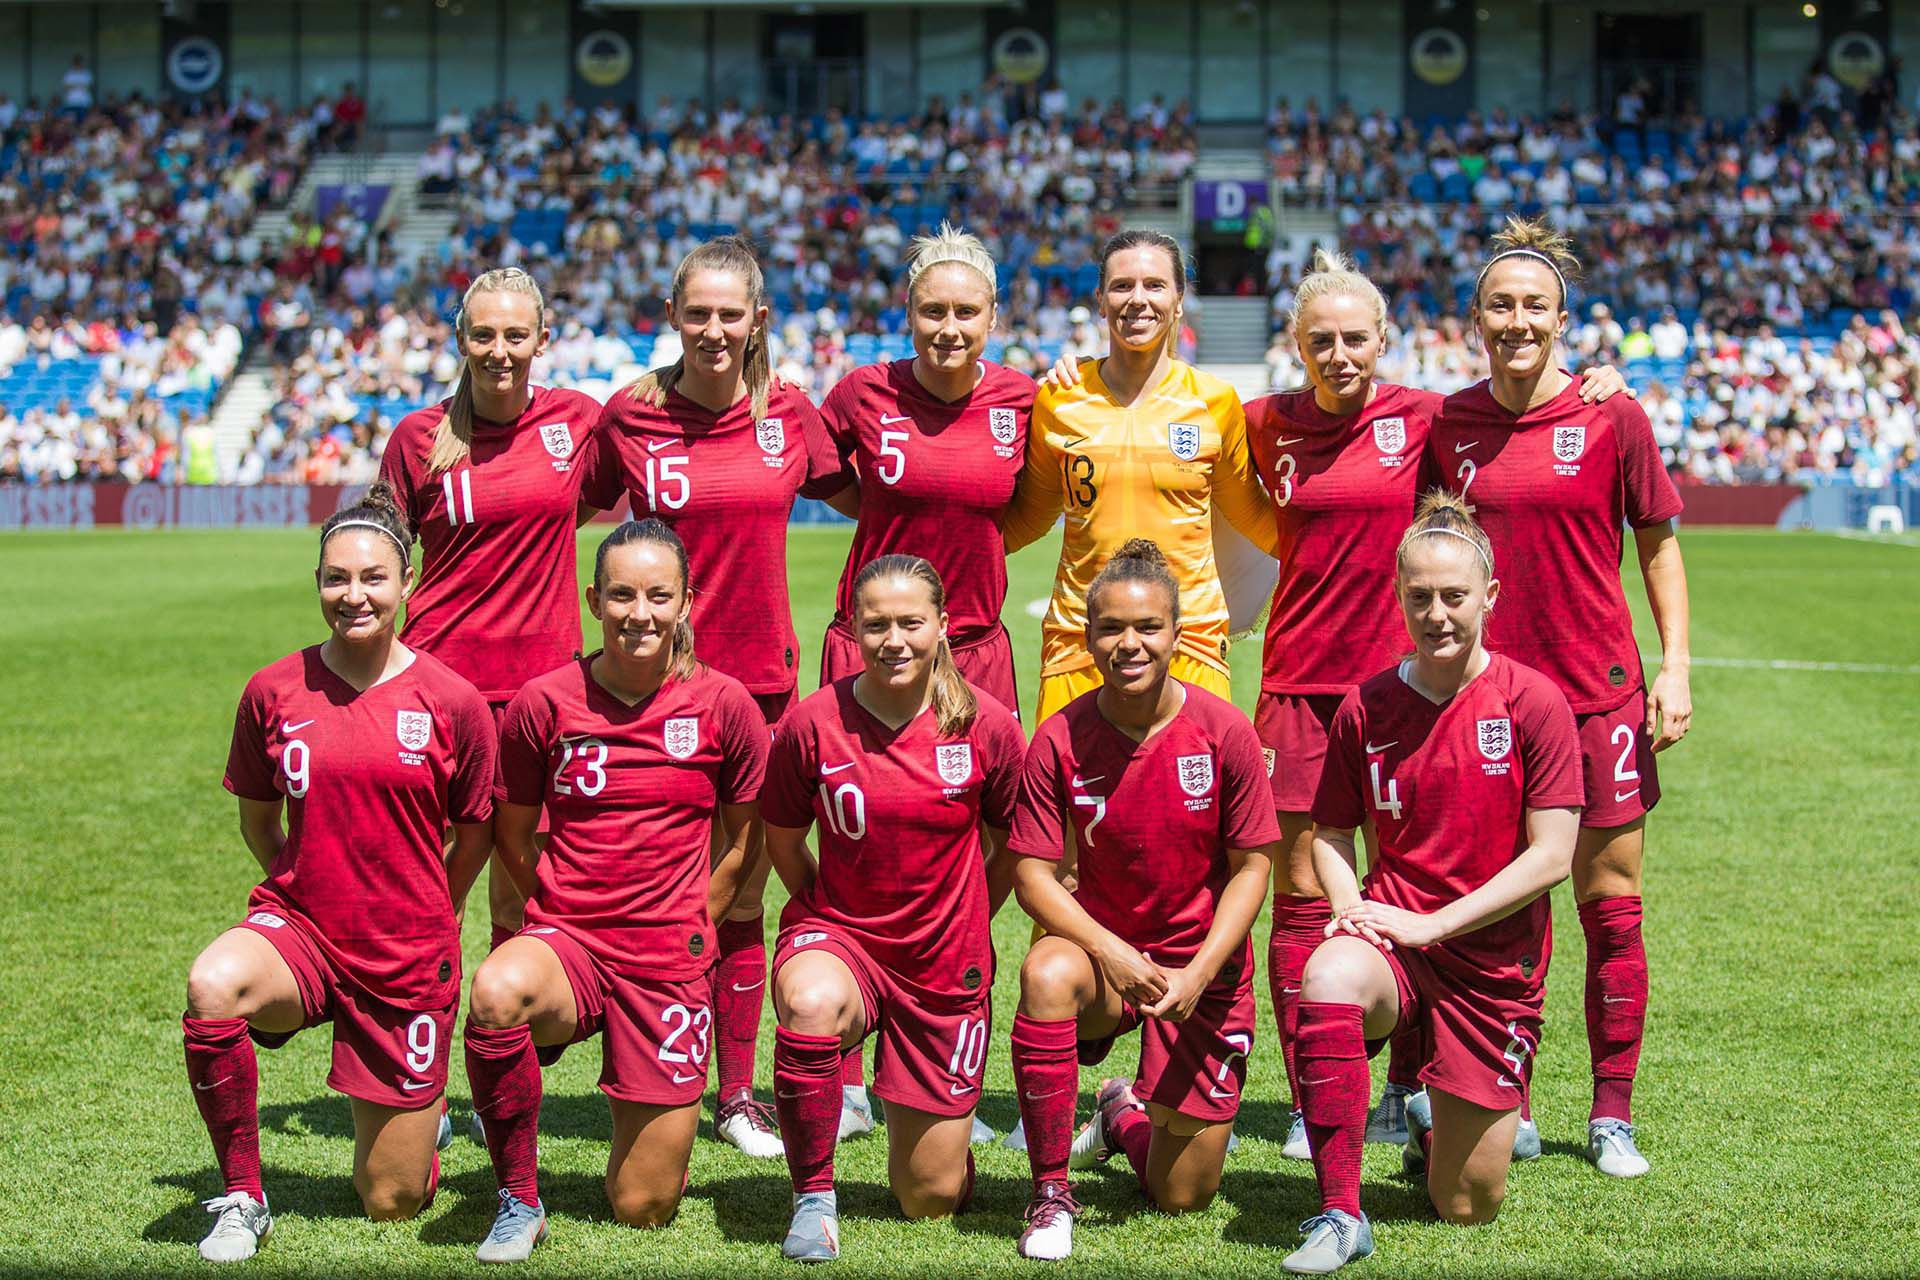 La formación de la Selección Femenina de Fútbol de Inglaterra durante el último Mundial (Shutterstock)